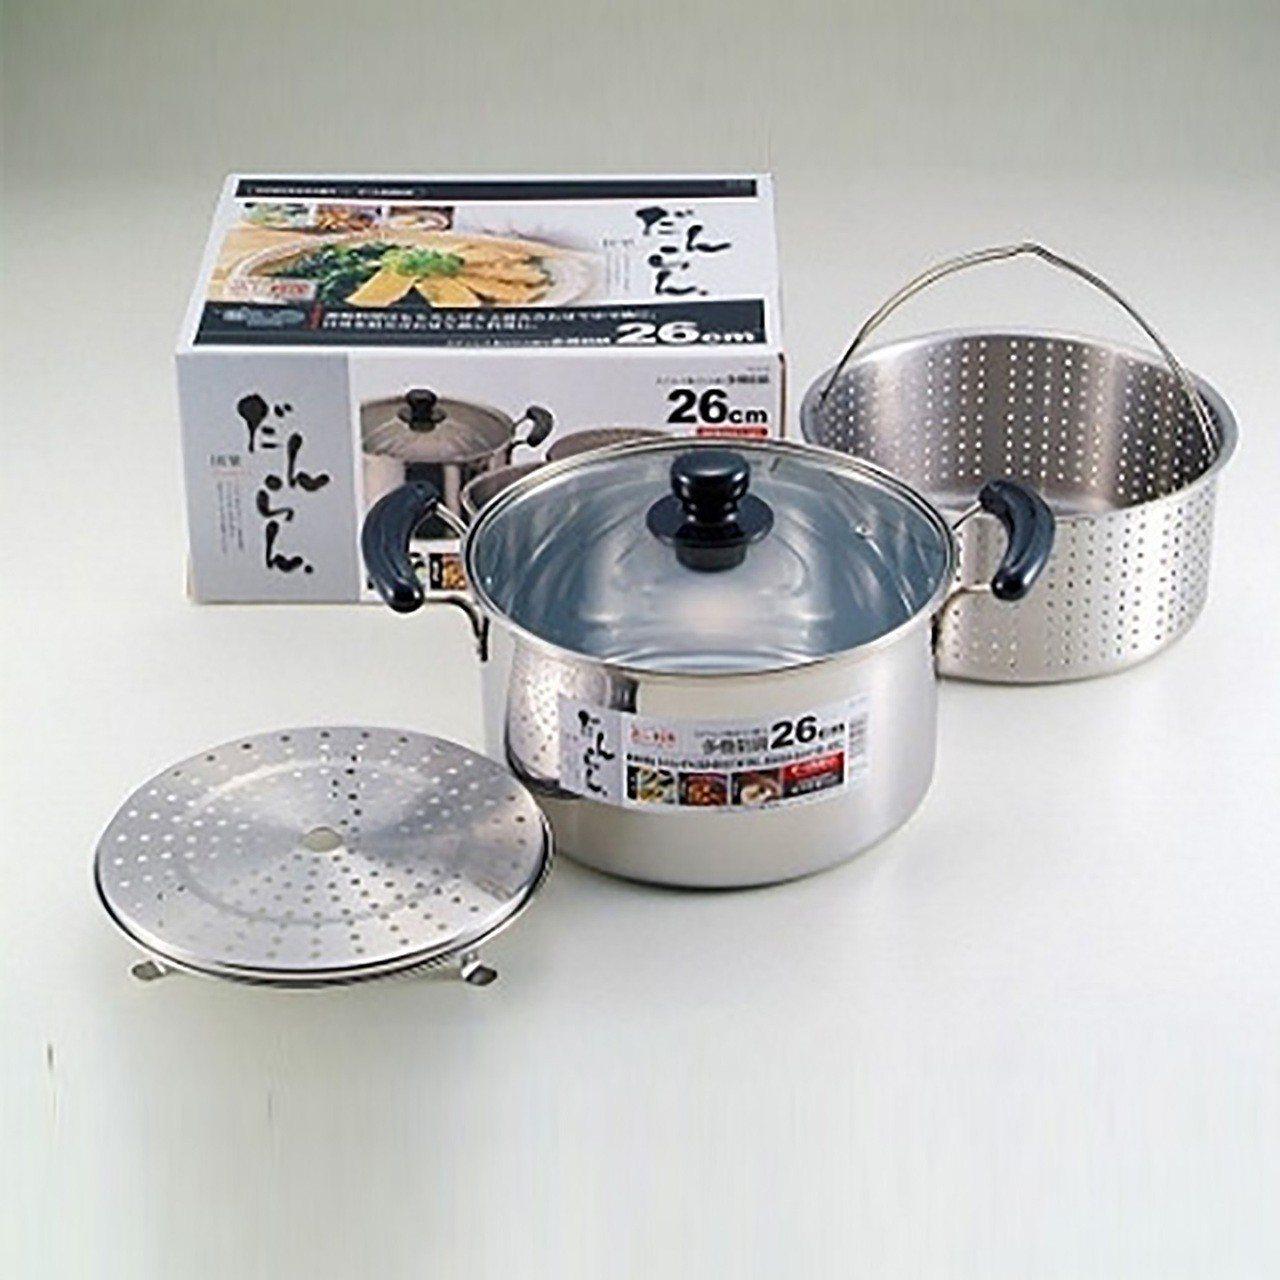 不鏽鋼多機能煮鍋(附蓋)26cm,台隆手創館4月4日至5月12日限量3折特價89...